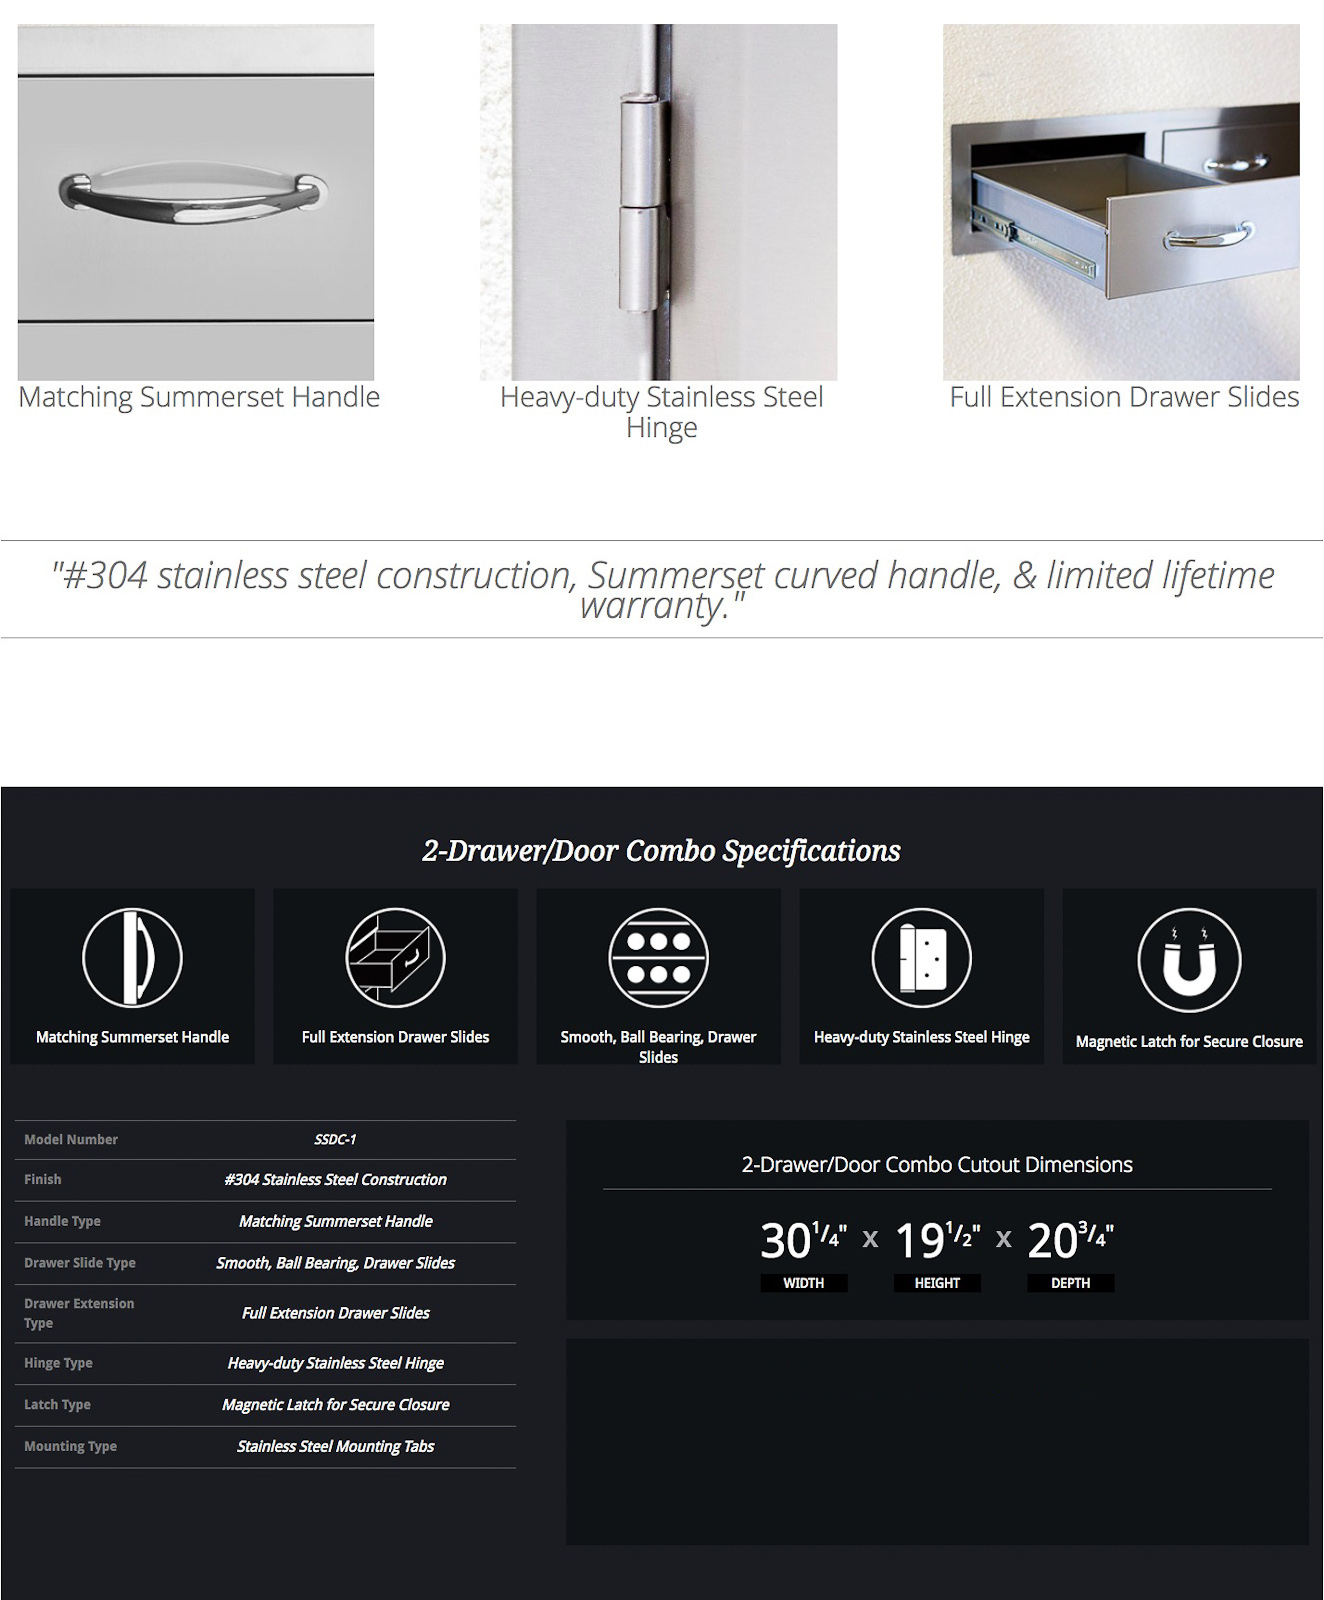 summerset-door-2-drawer-combo-storage-drawers-ssdc.jpg